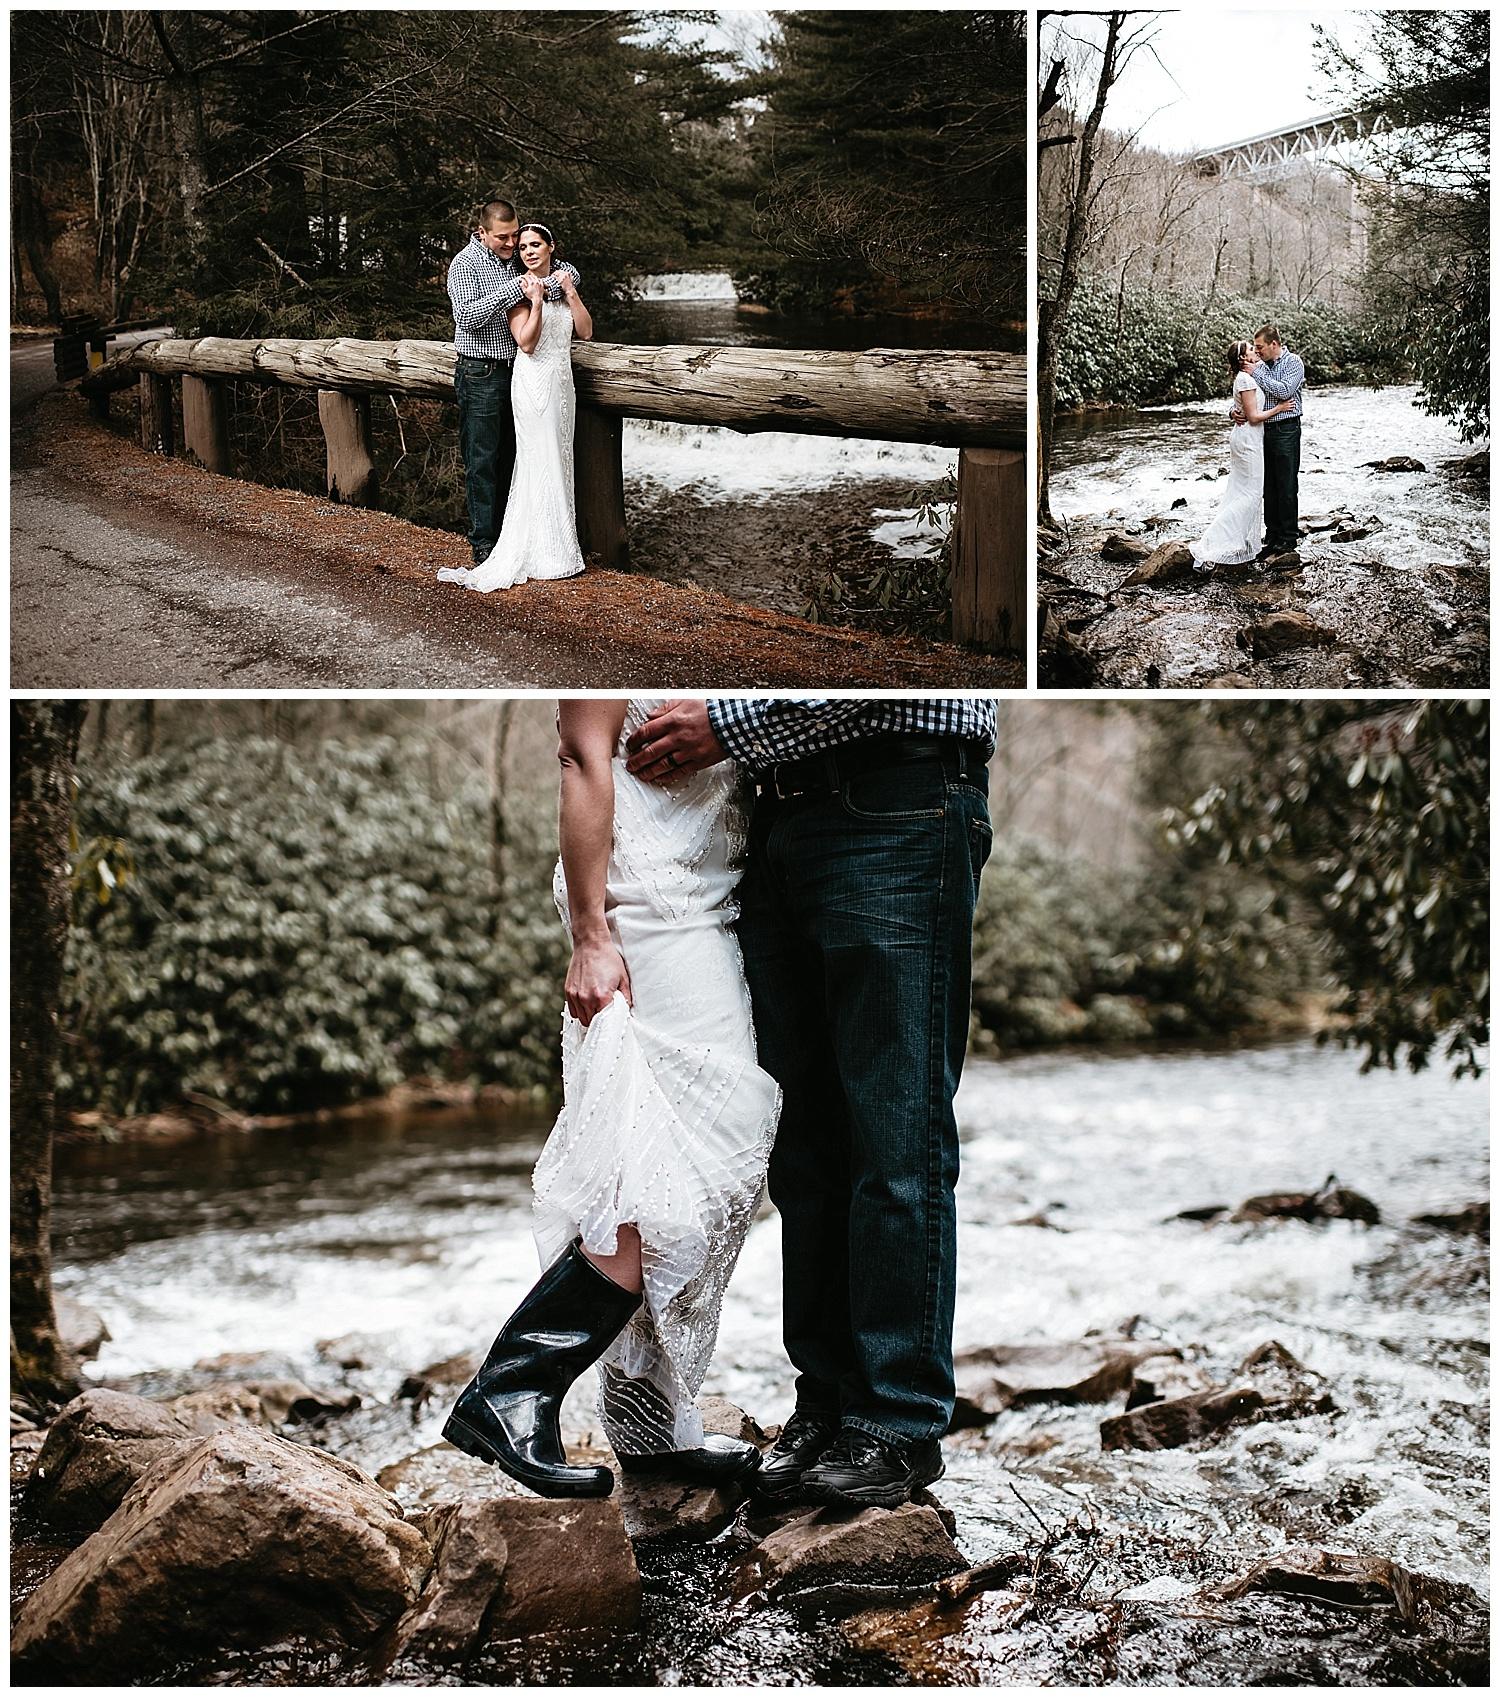 NEPA-Wedding-Engagement-photographer-hickory-run-state-park-hawk-falls-elopement_0035.jpg